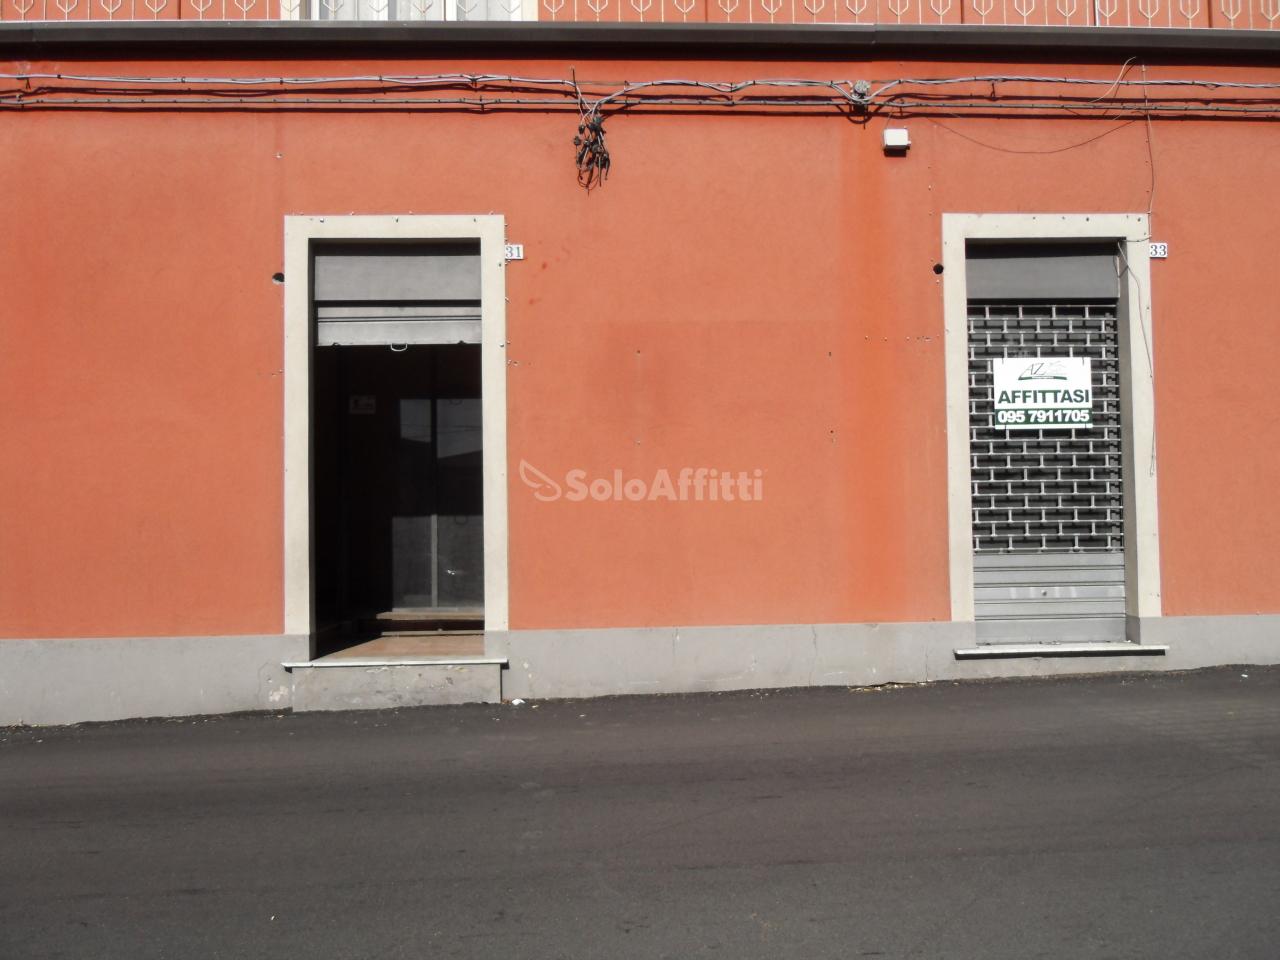 Fondo/negozio - 2 vetrine/luci a Belpasso